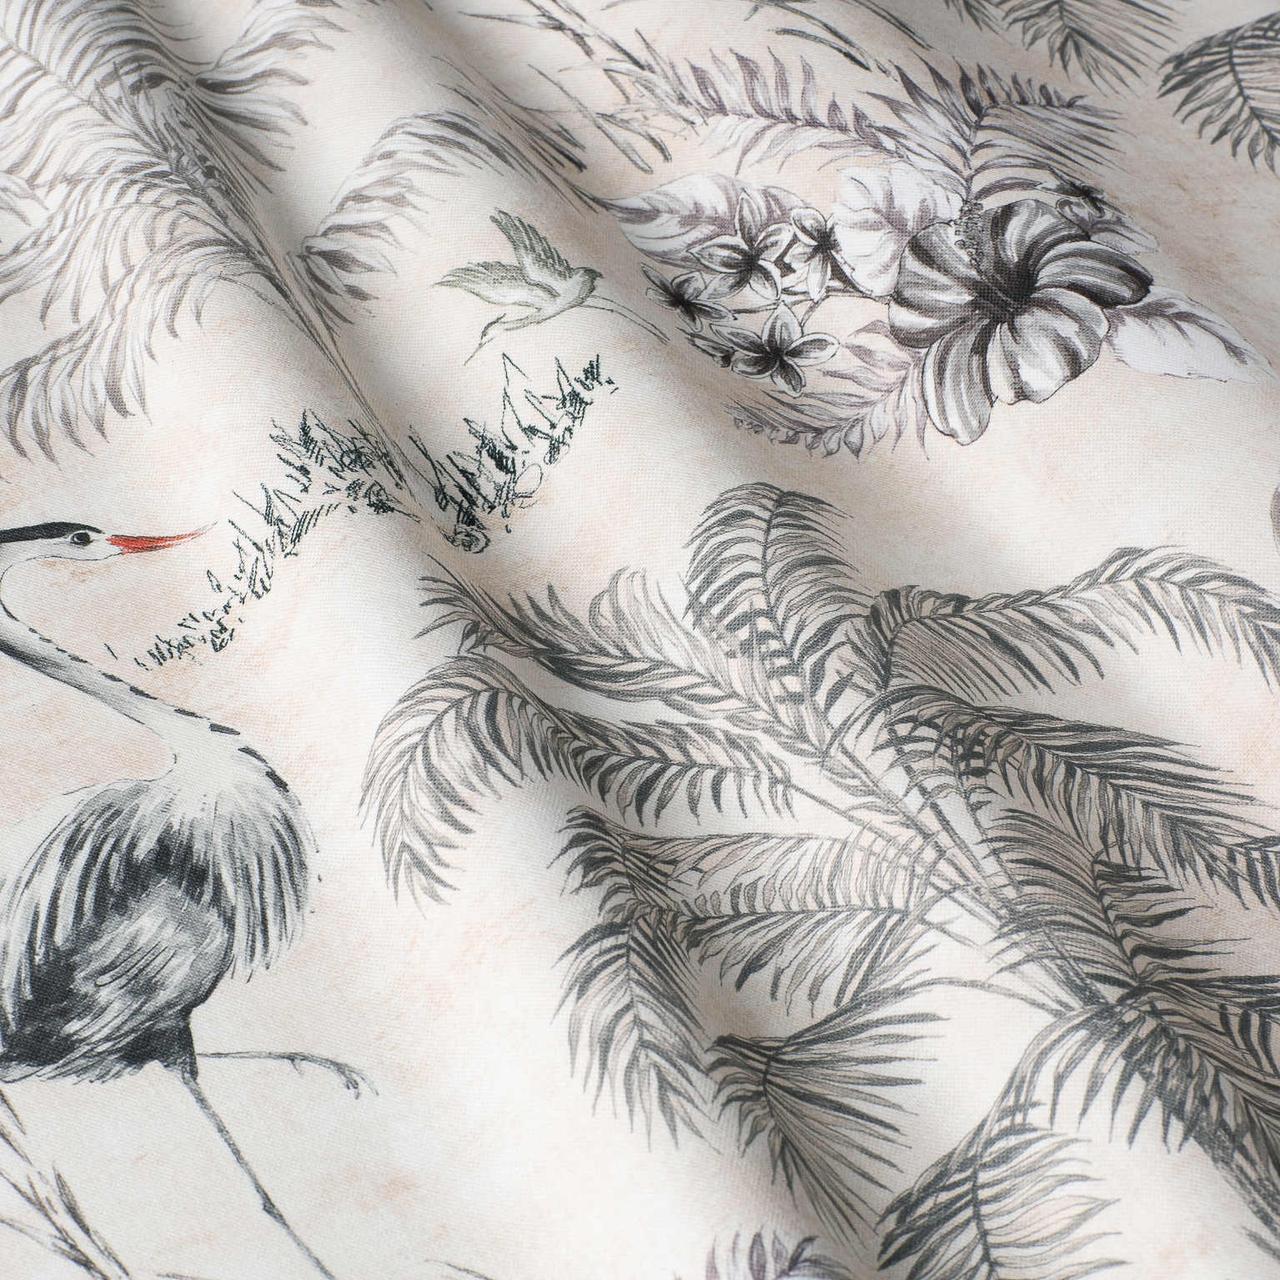 Декоративні тканини з великими сірими рослинами і птахами 84291v2